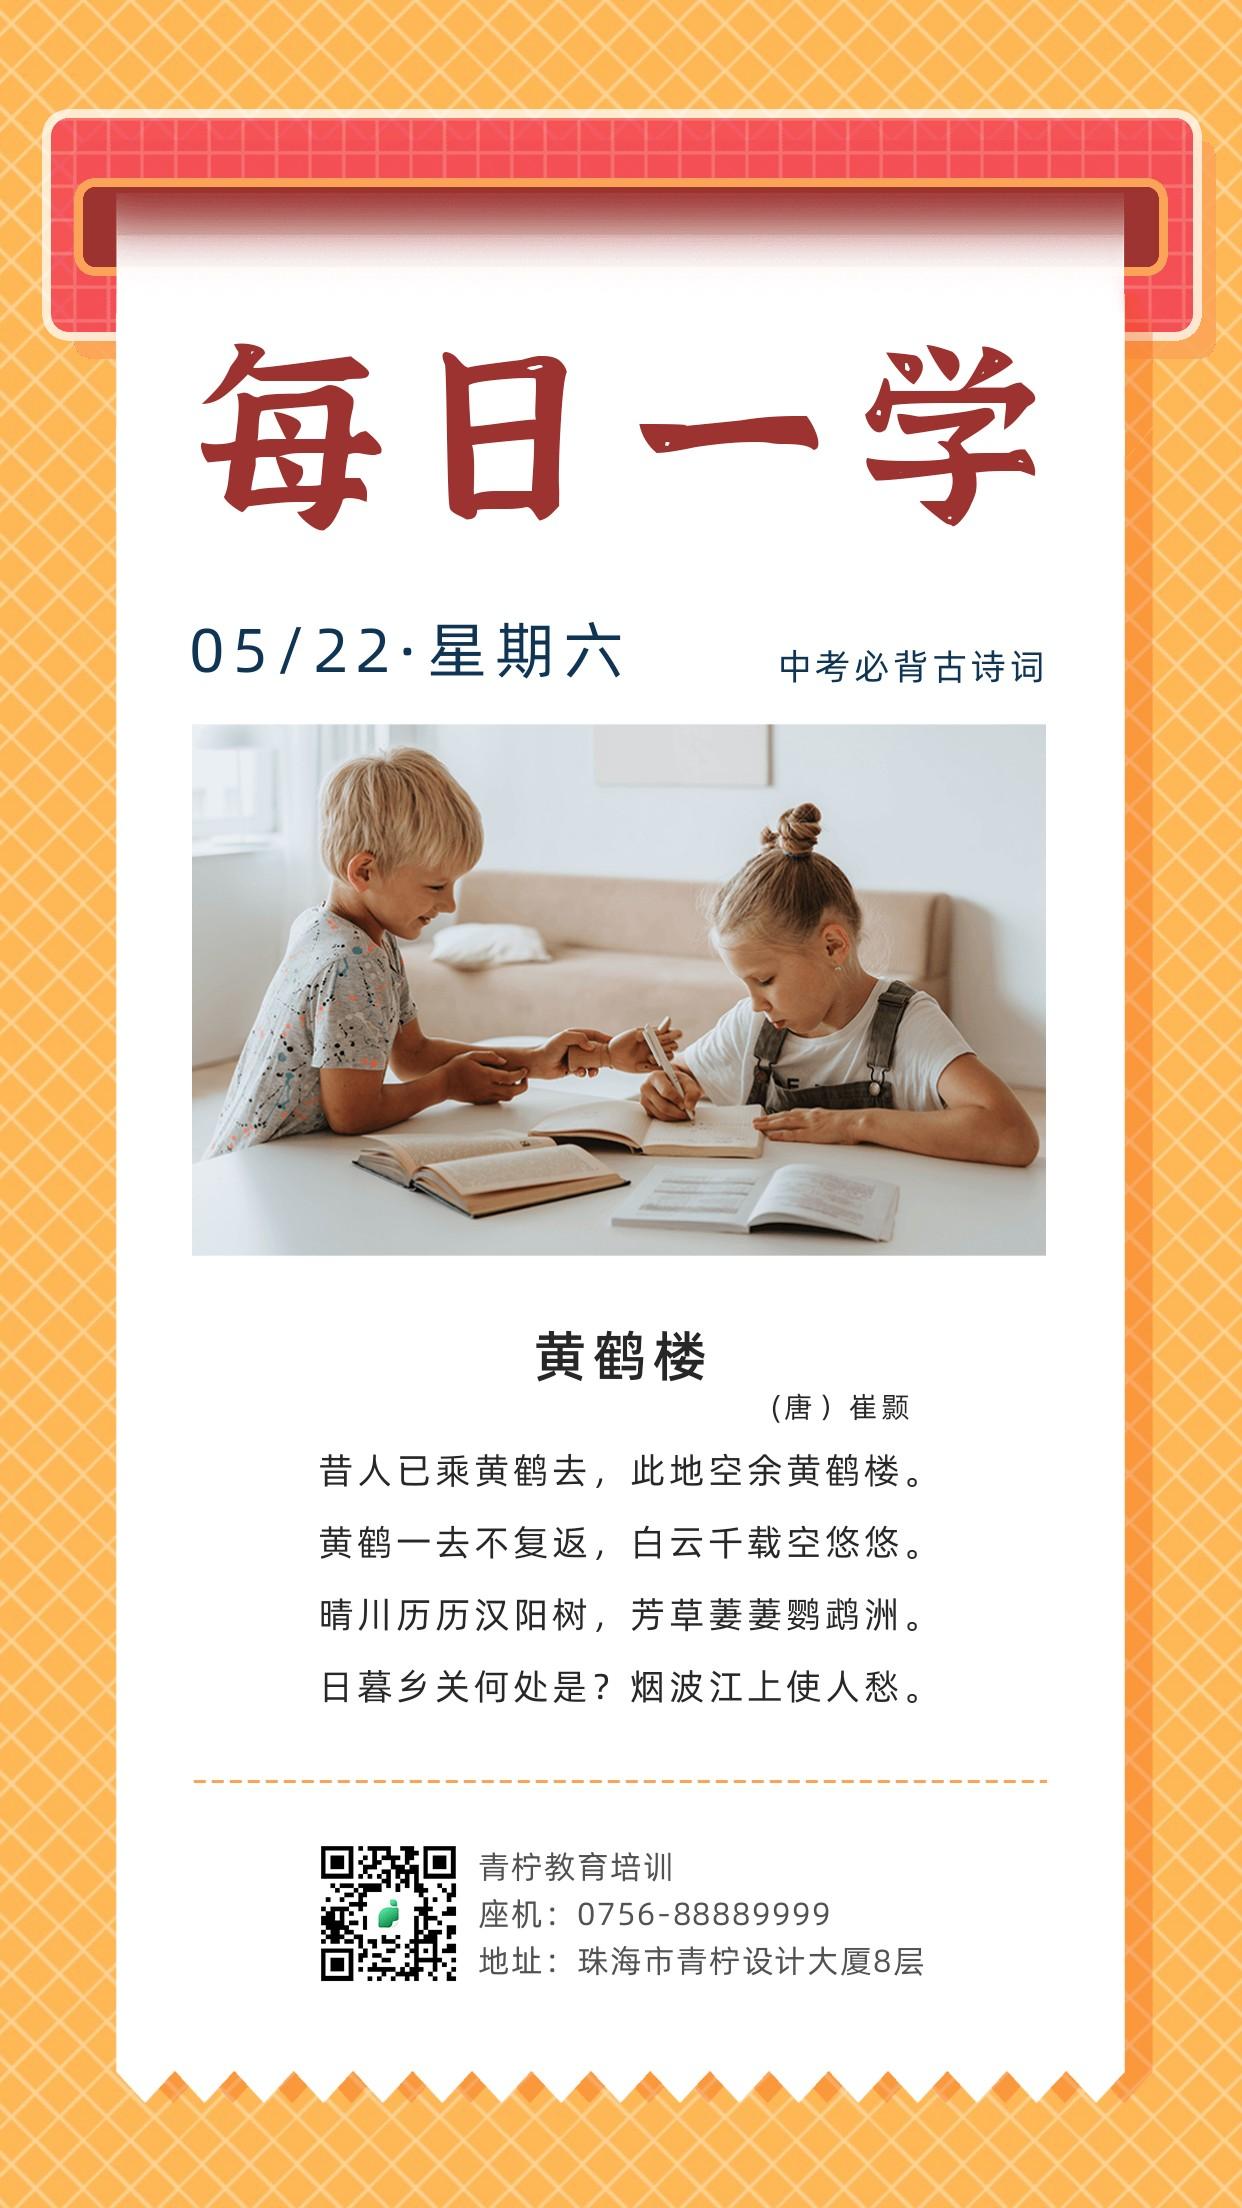 扁平教育培训小知识日签